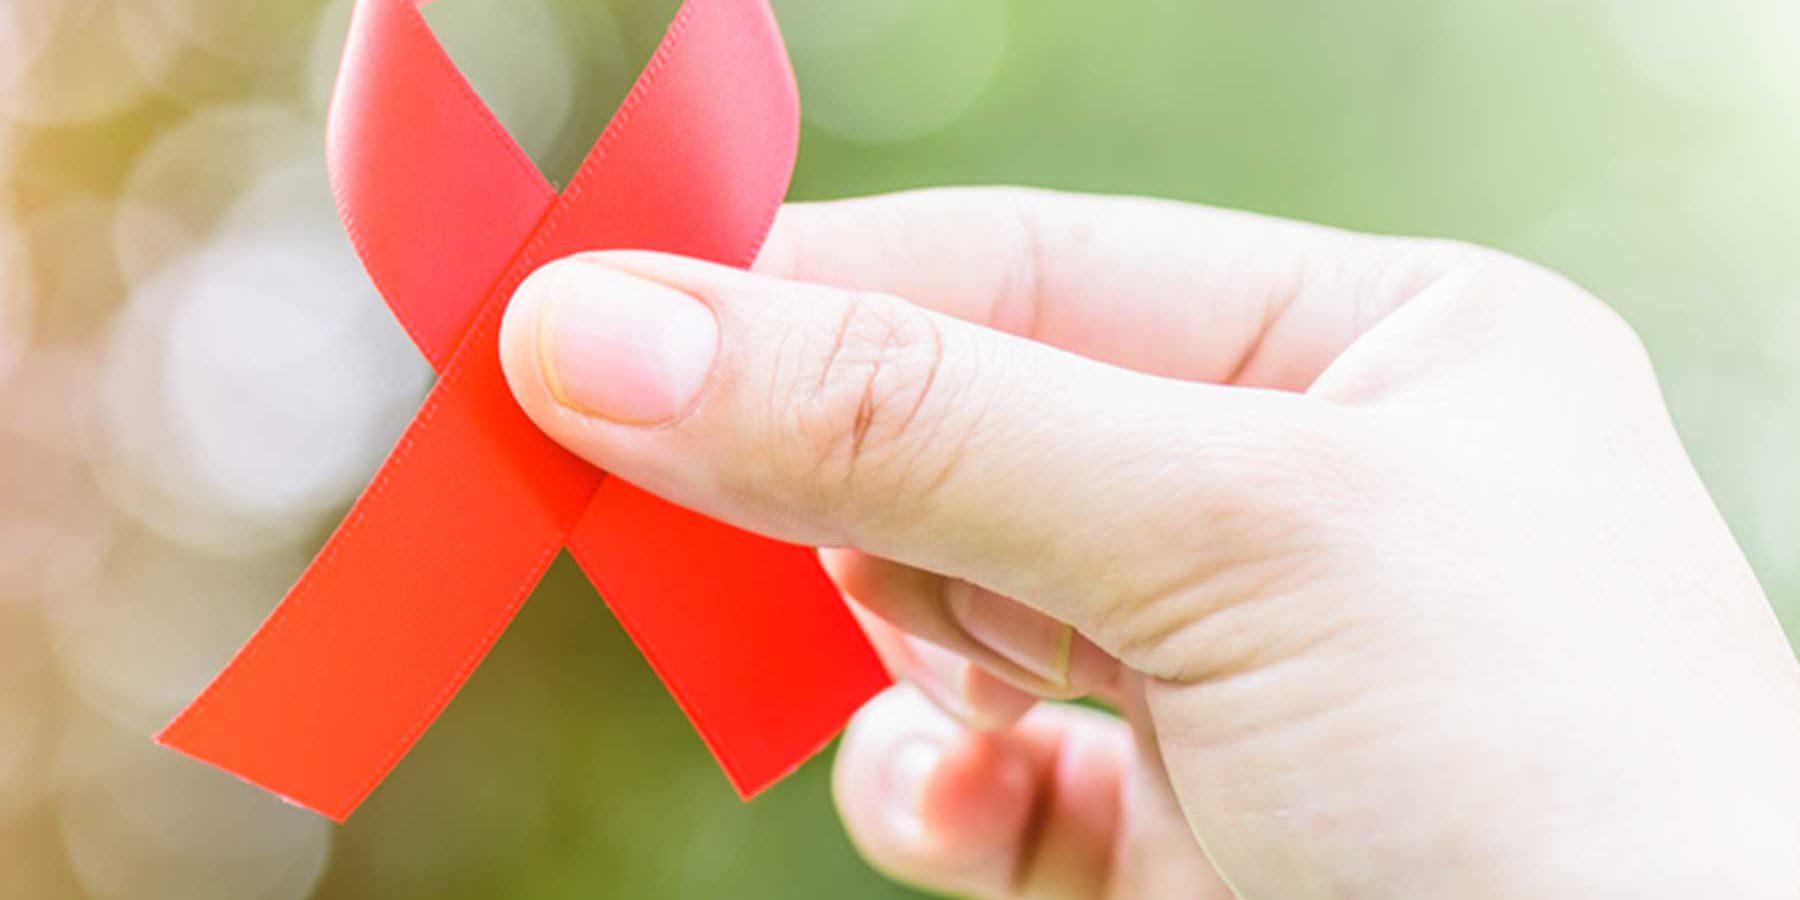 نکاتی درباره روز جهانی ایدز